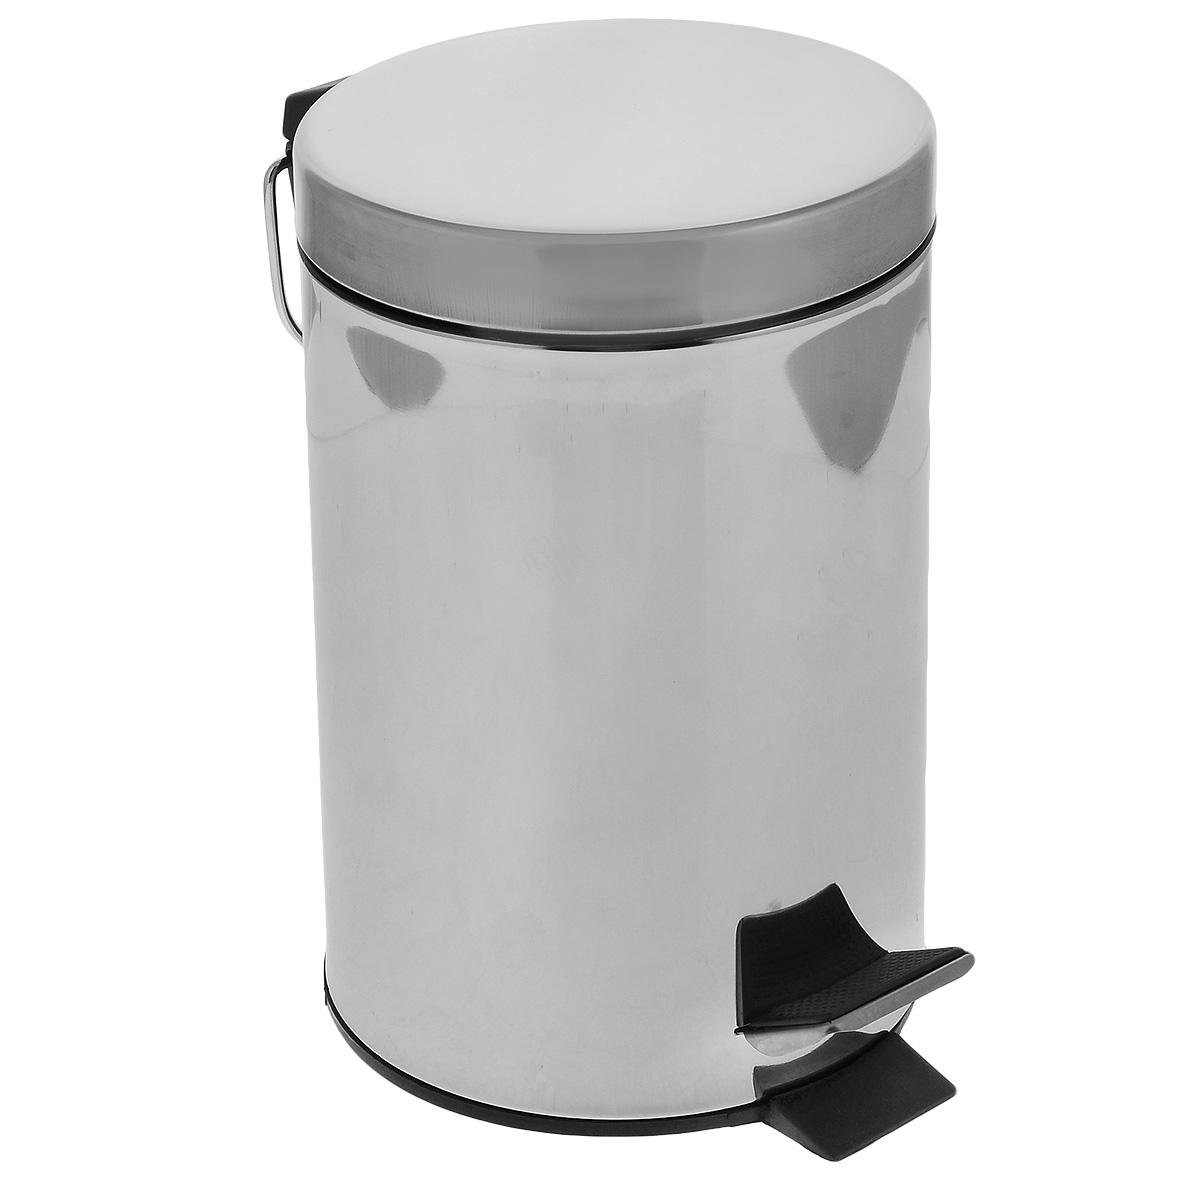 Ведро для мусора Art Moon Moon, с педалью, цвет: серебристый, 3 л691014Круглое ведро для мусора Art Moon Moon, выполненное из нержавеющей стали с отражающей поверхностью, поможет вам держать мусор в порядке и предотвратит распространение неприятного запаха. Ведро оснащено педалью, с помощью которой можно открыть крышку. Закрывается крышка бесшумно, плотно прилегает, предотвращая распространение запаха. Сбоку также имеется металлическая ручка. Внутренняя часть - пластиковое ведерко, оснащенное металлической ручкой для переноса. Нескользящая пластиковая основа ведра предотвращает повреждение пола. Объем: 3 л. Диаметр ведра: 16,5 см. Высота стенки: 26 см.